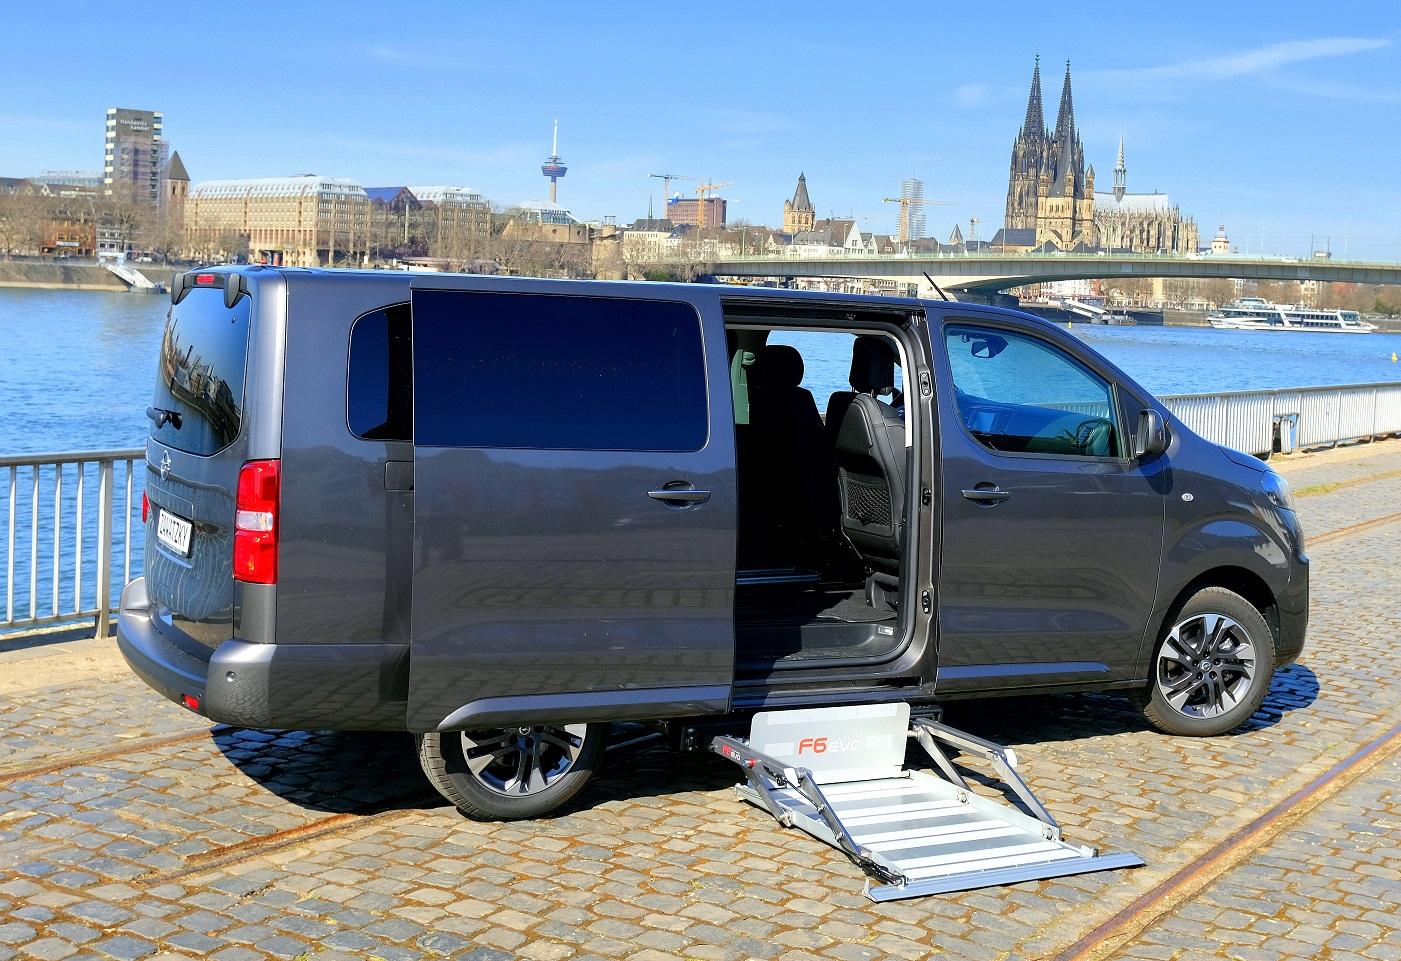 Opel_Zafira_Kassettenlift_web_1